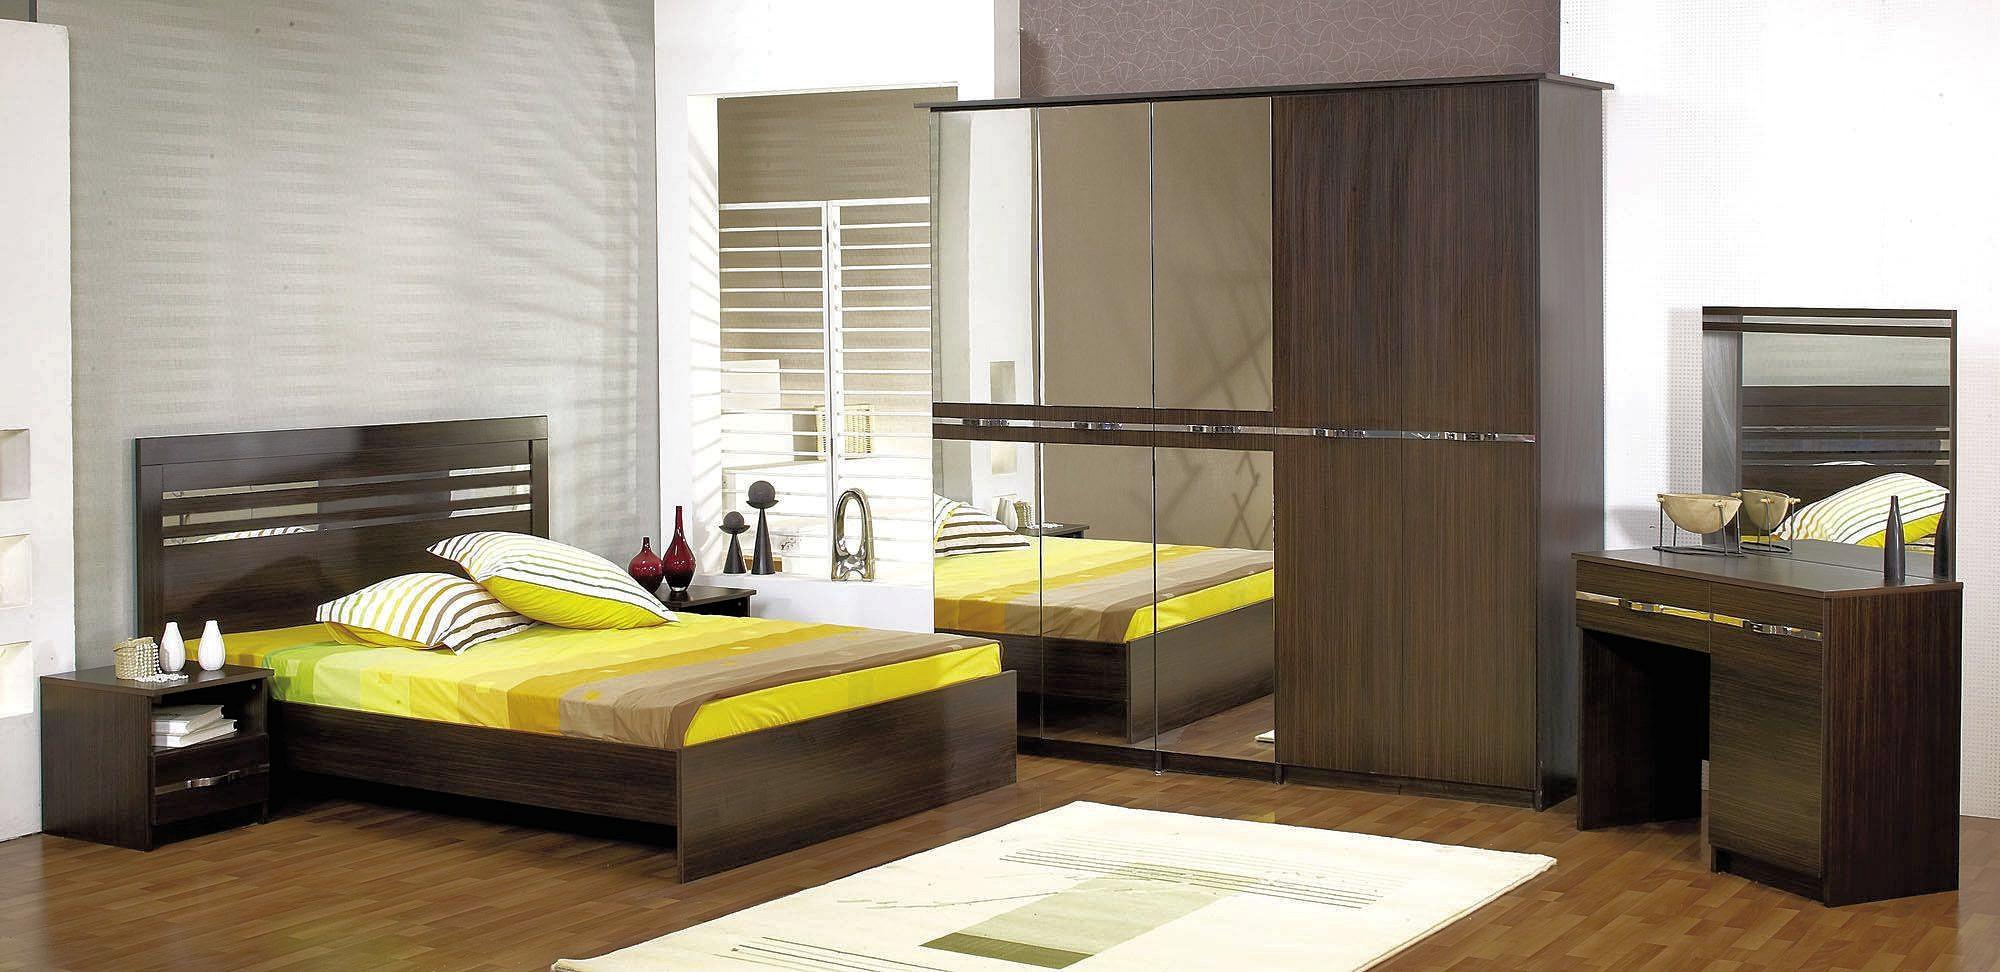 Mobilier Dormitor - DOR-164